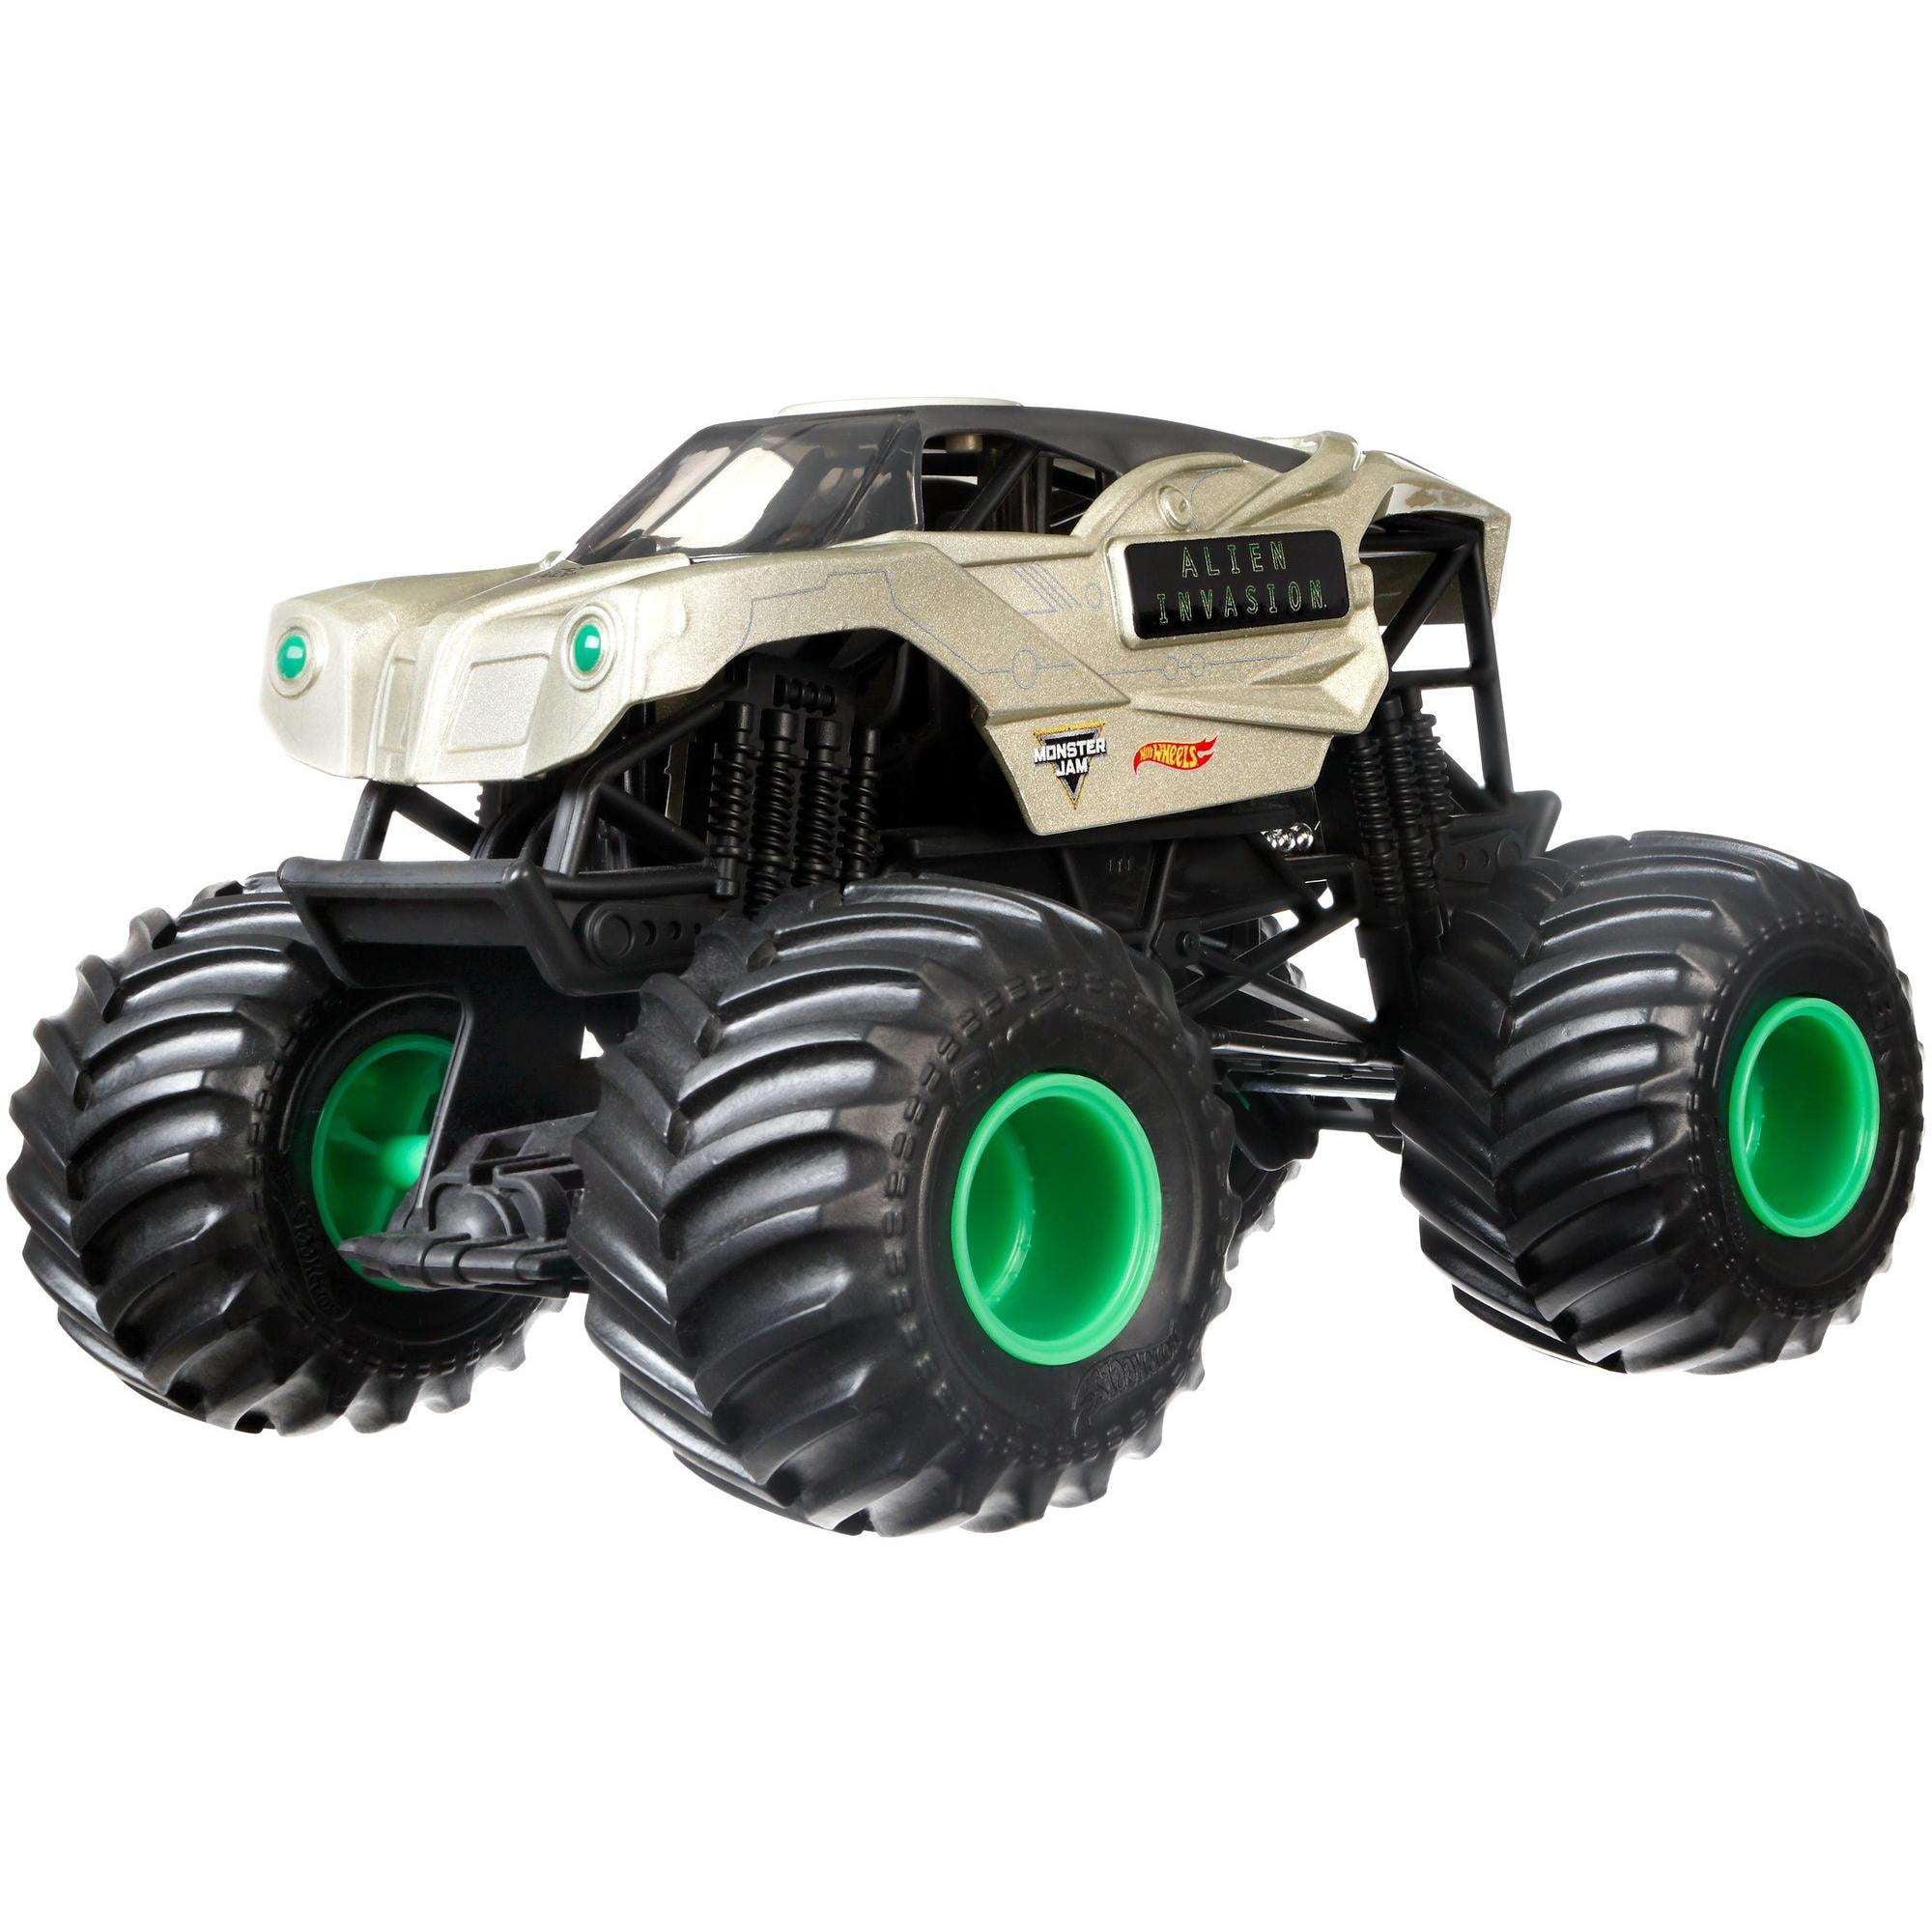 Hot Wheels Monster Jam Alien Invasion Vehicle by Mattel